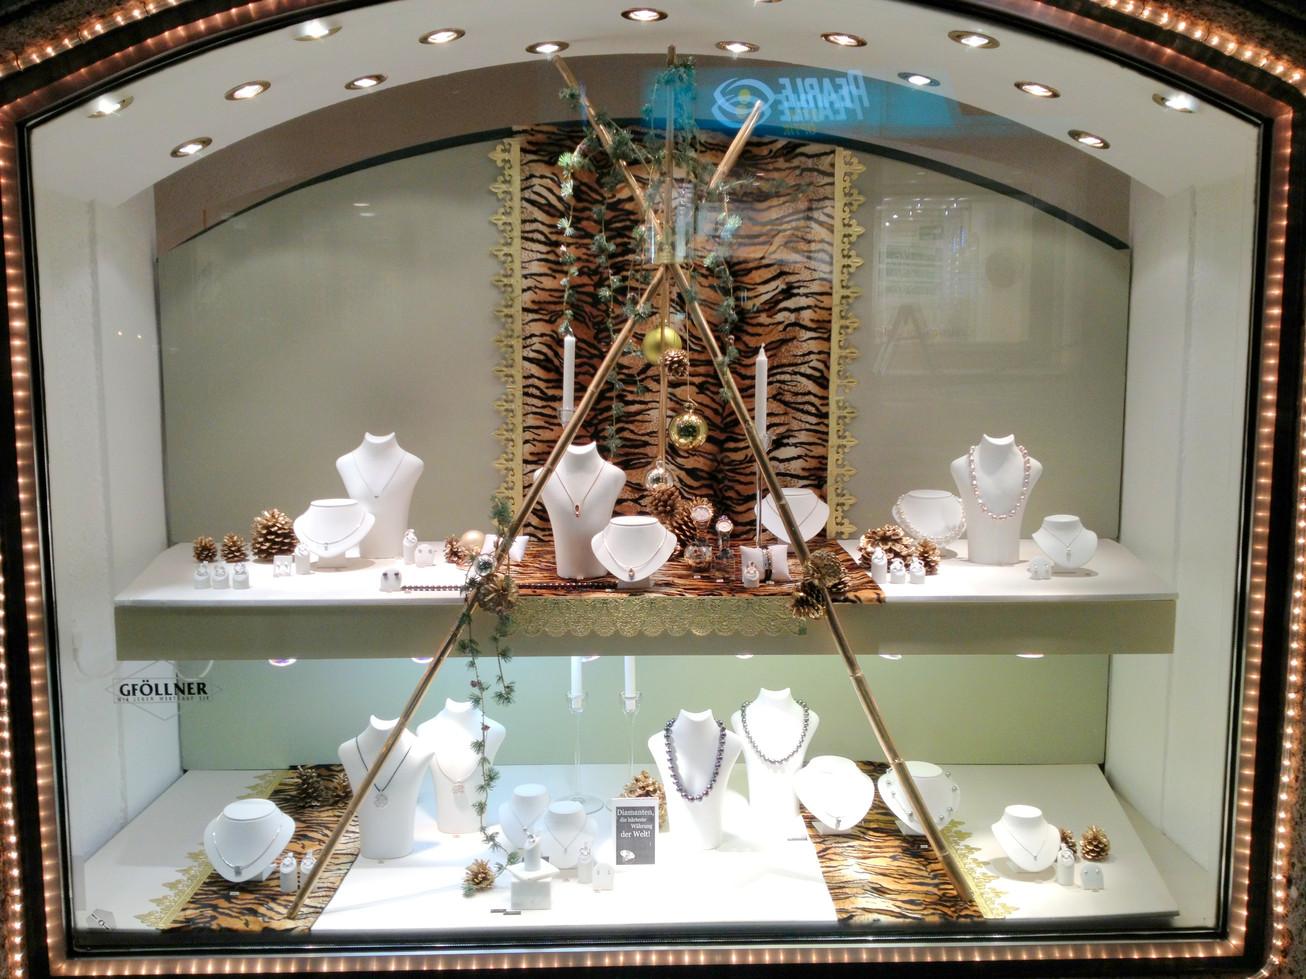 Weihnachten juwelier isolde skrabitz for Schaufensterdekoration schmuck